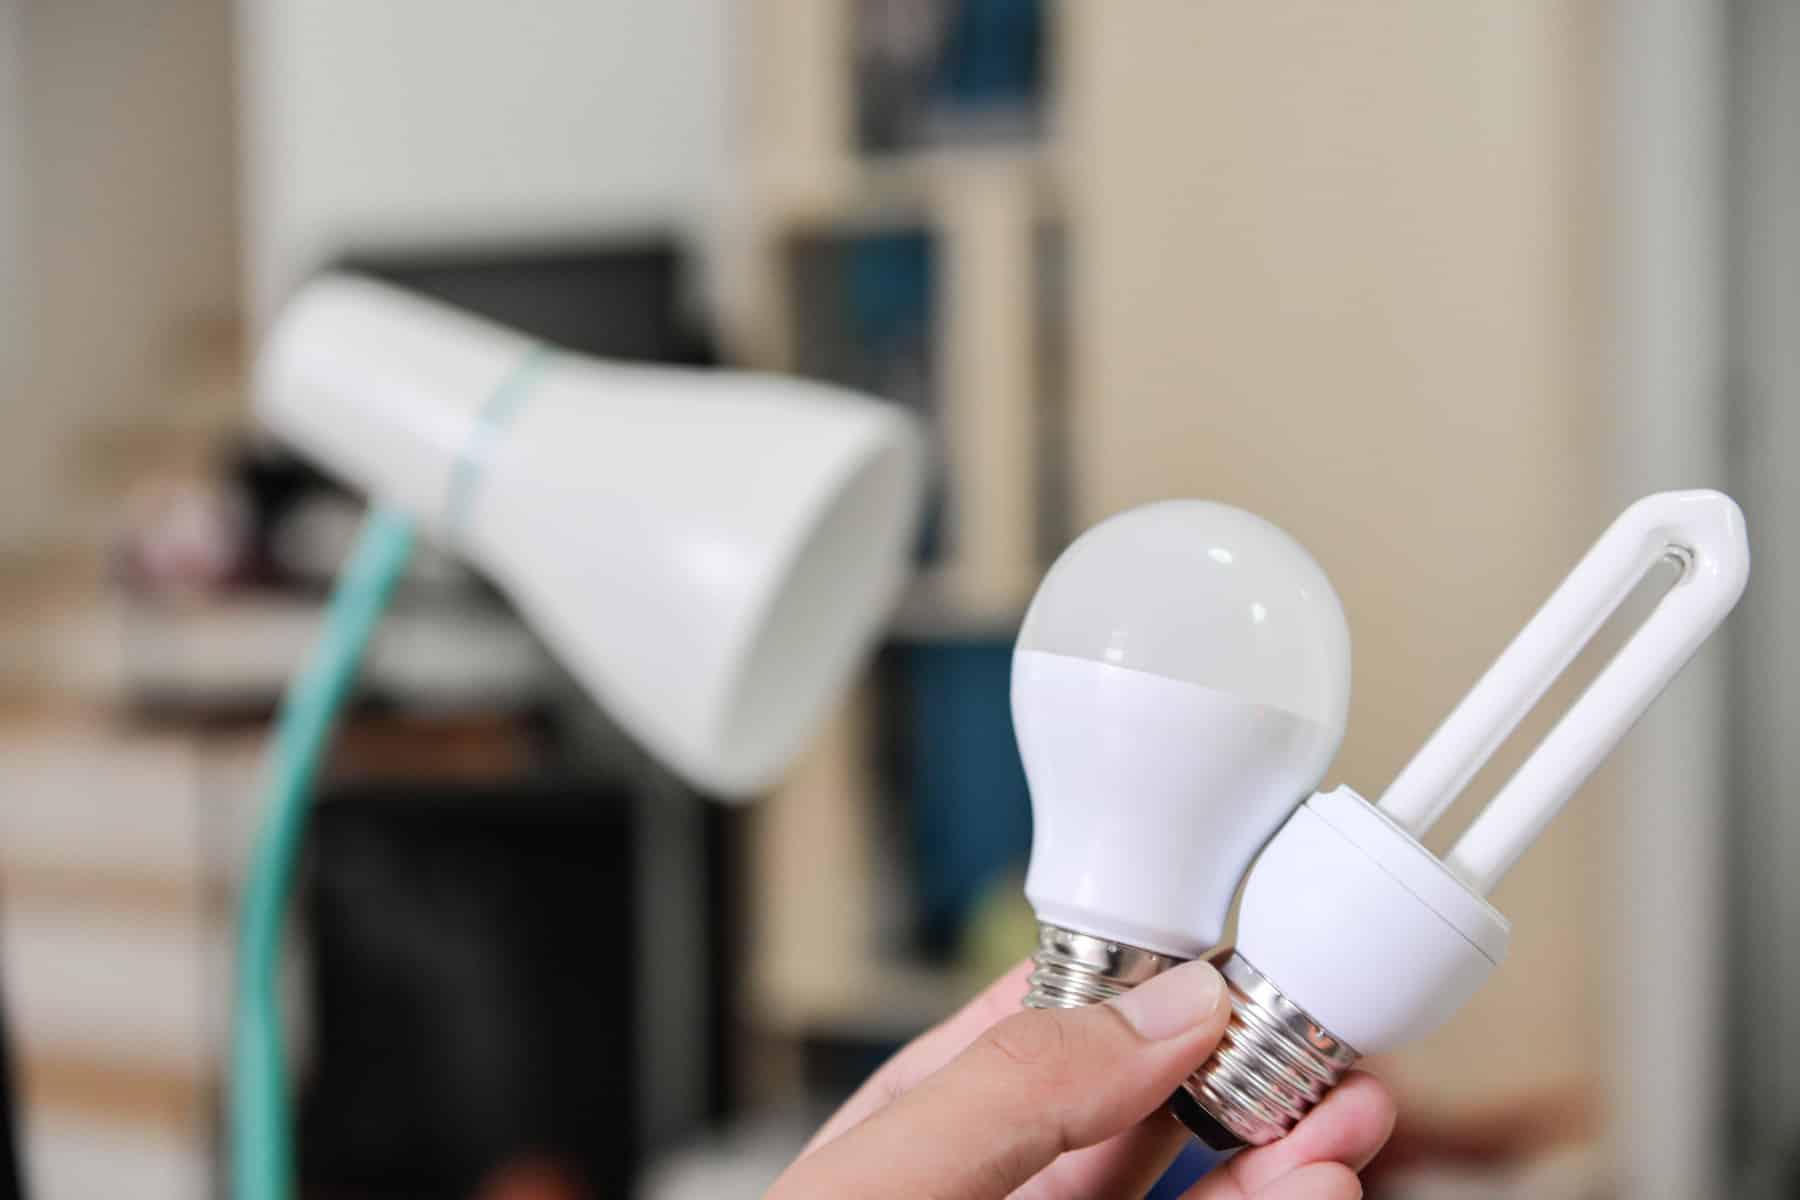 Замена лампочек. Как выбрать?